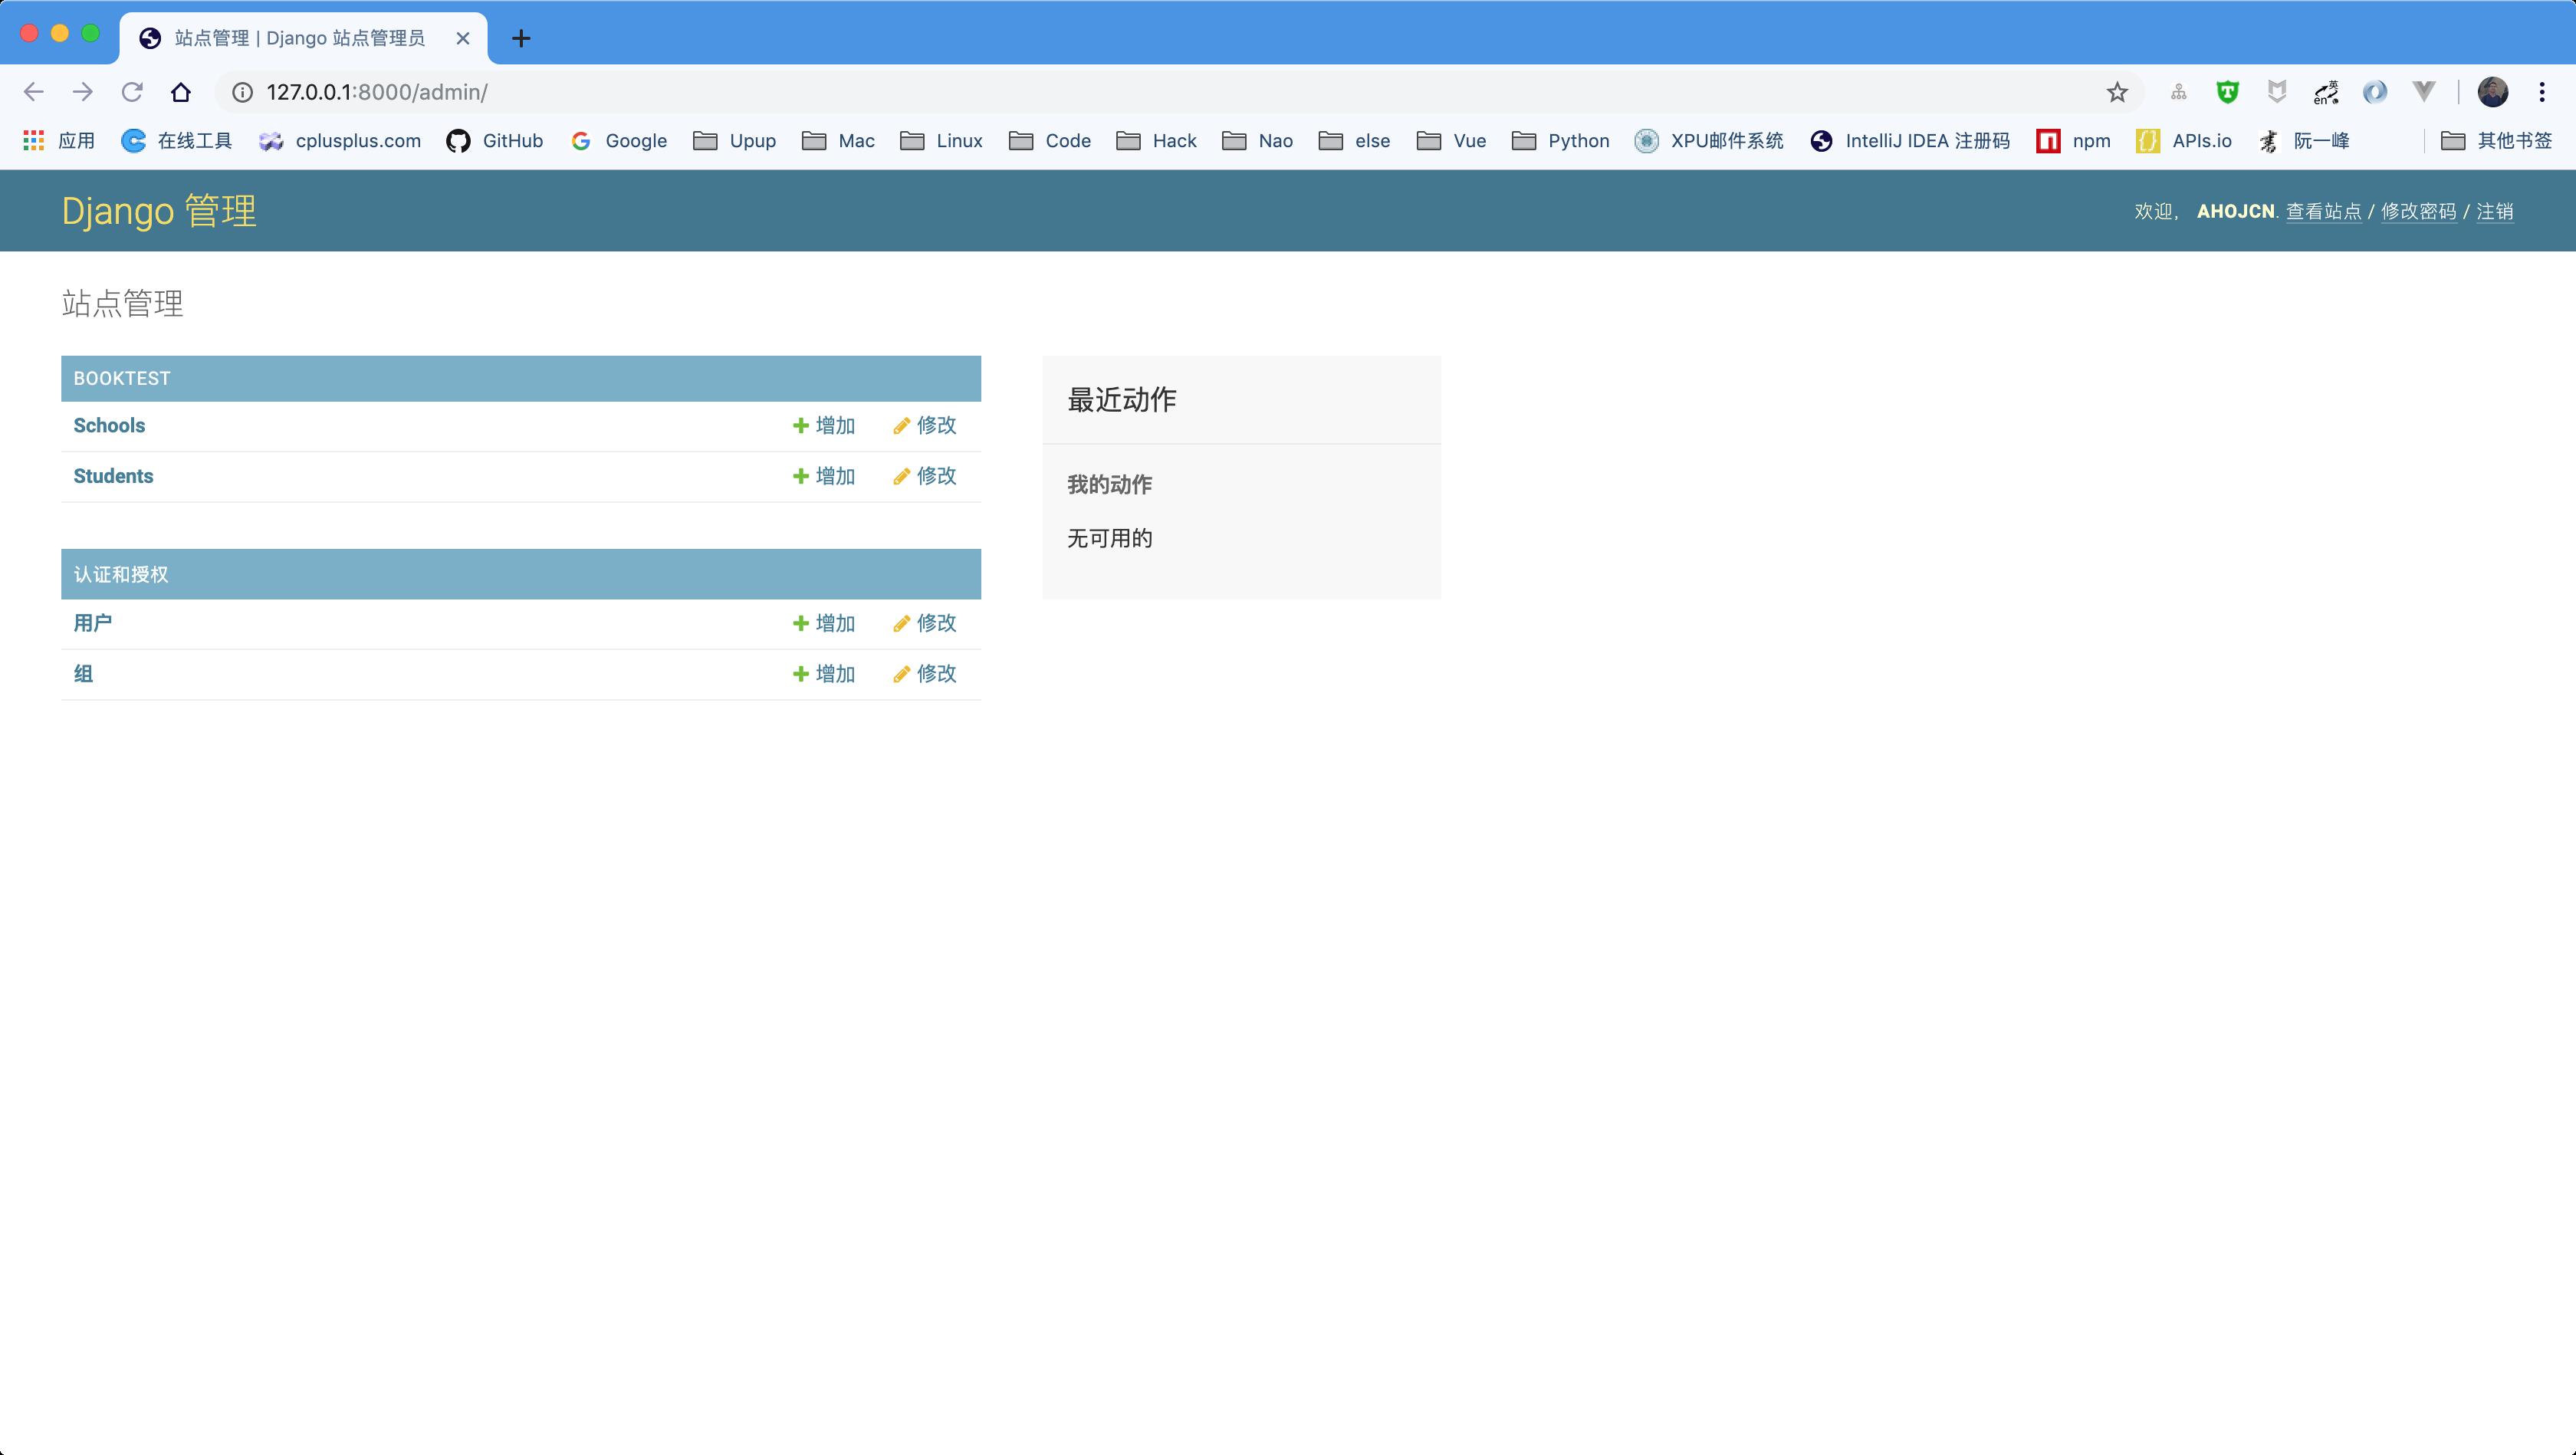 中文的管理界面